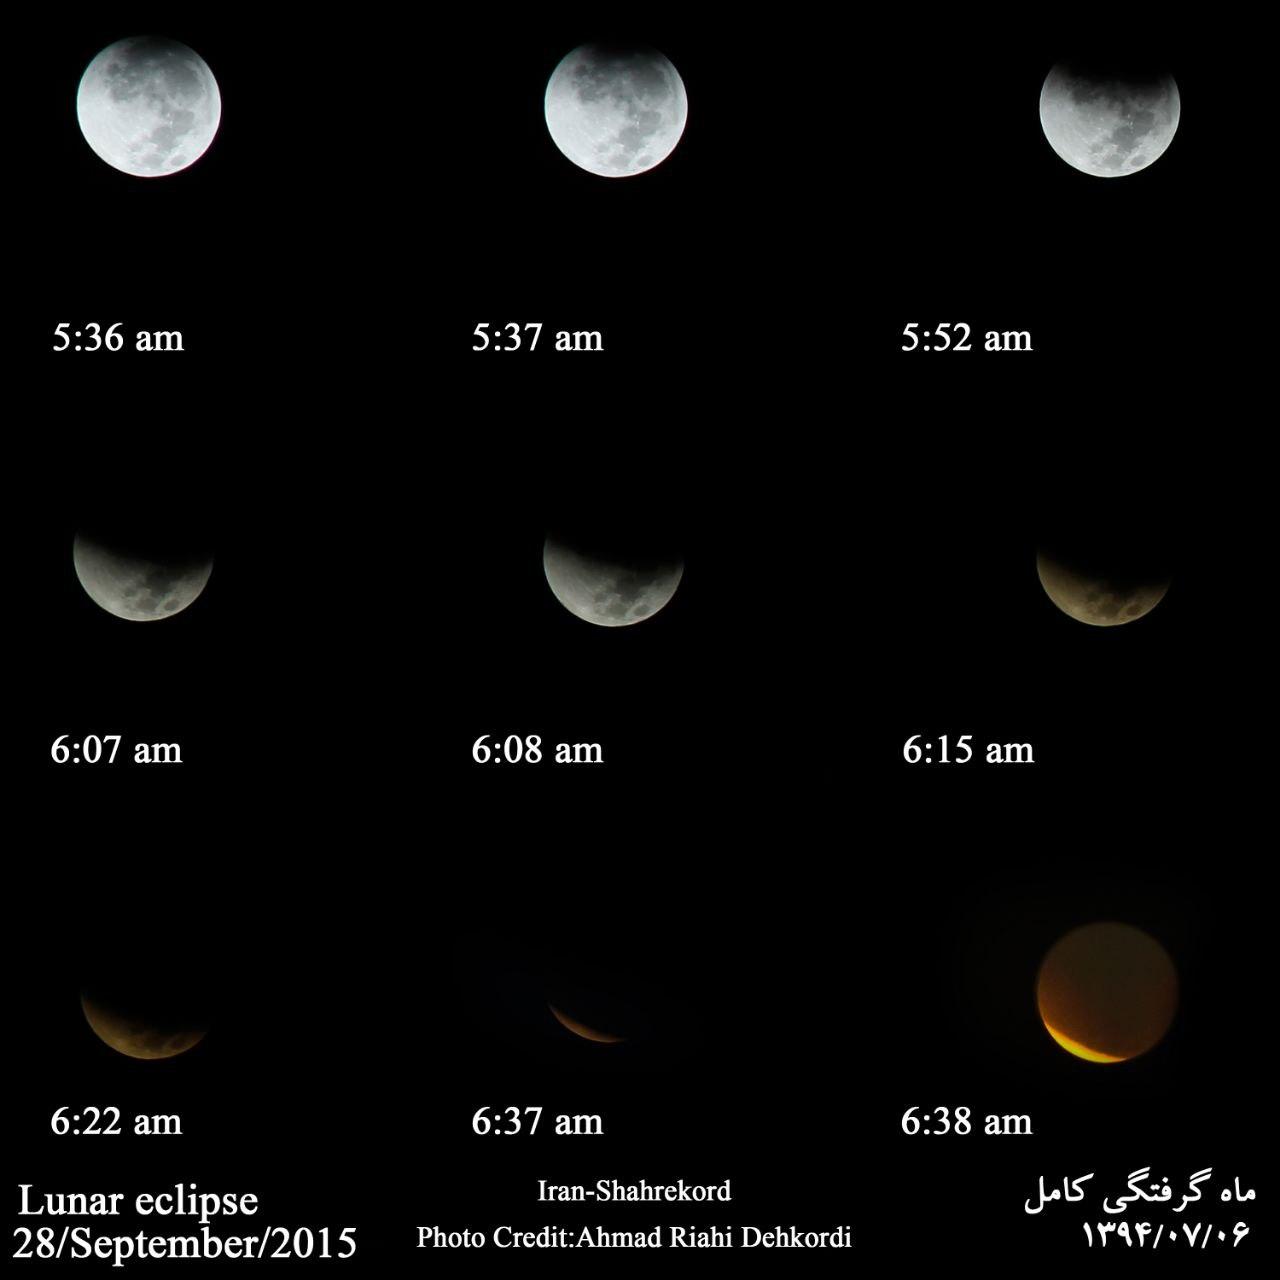 روند ماه گرفتگی سرخ رنگ بامداد امروز، عکس از: احمد ریاحی دهکردی، شهرکرد